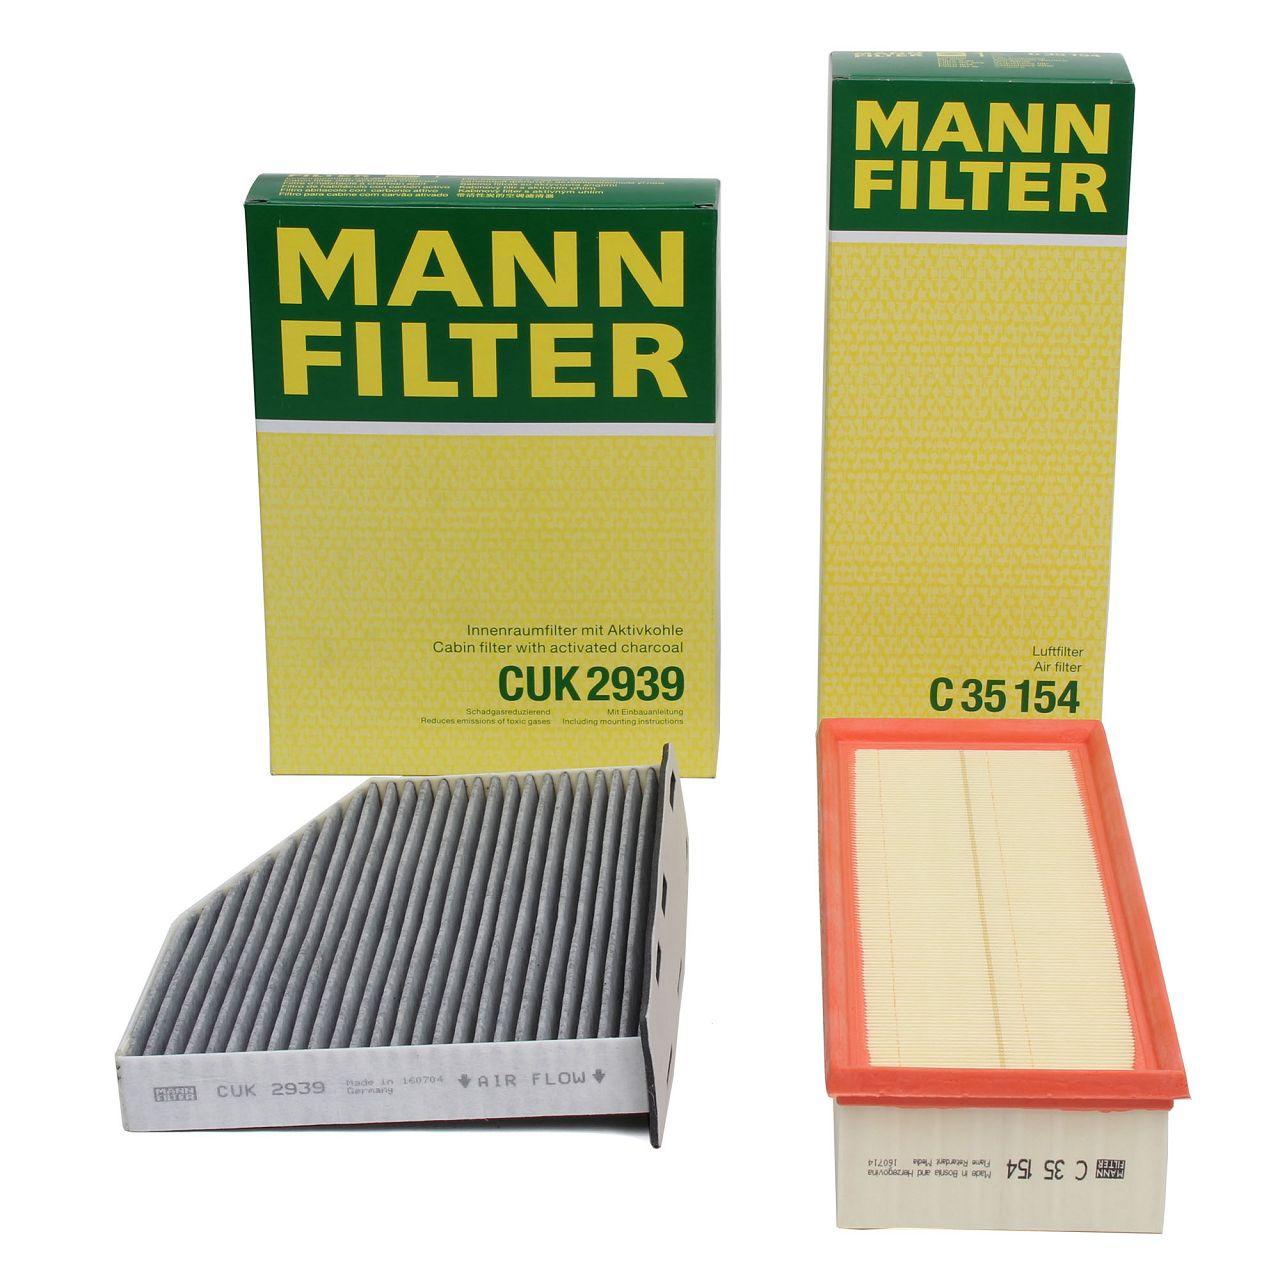 MANN Filterset für AUDI A3 8P Q3 TT SEAT SKODA VW GOLF 5 6 PASSAT TIGUAN TOURAN